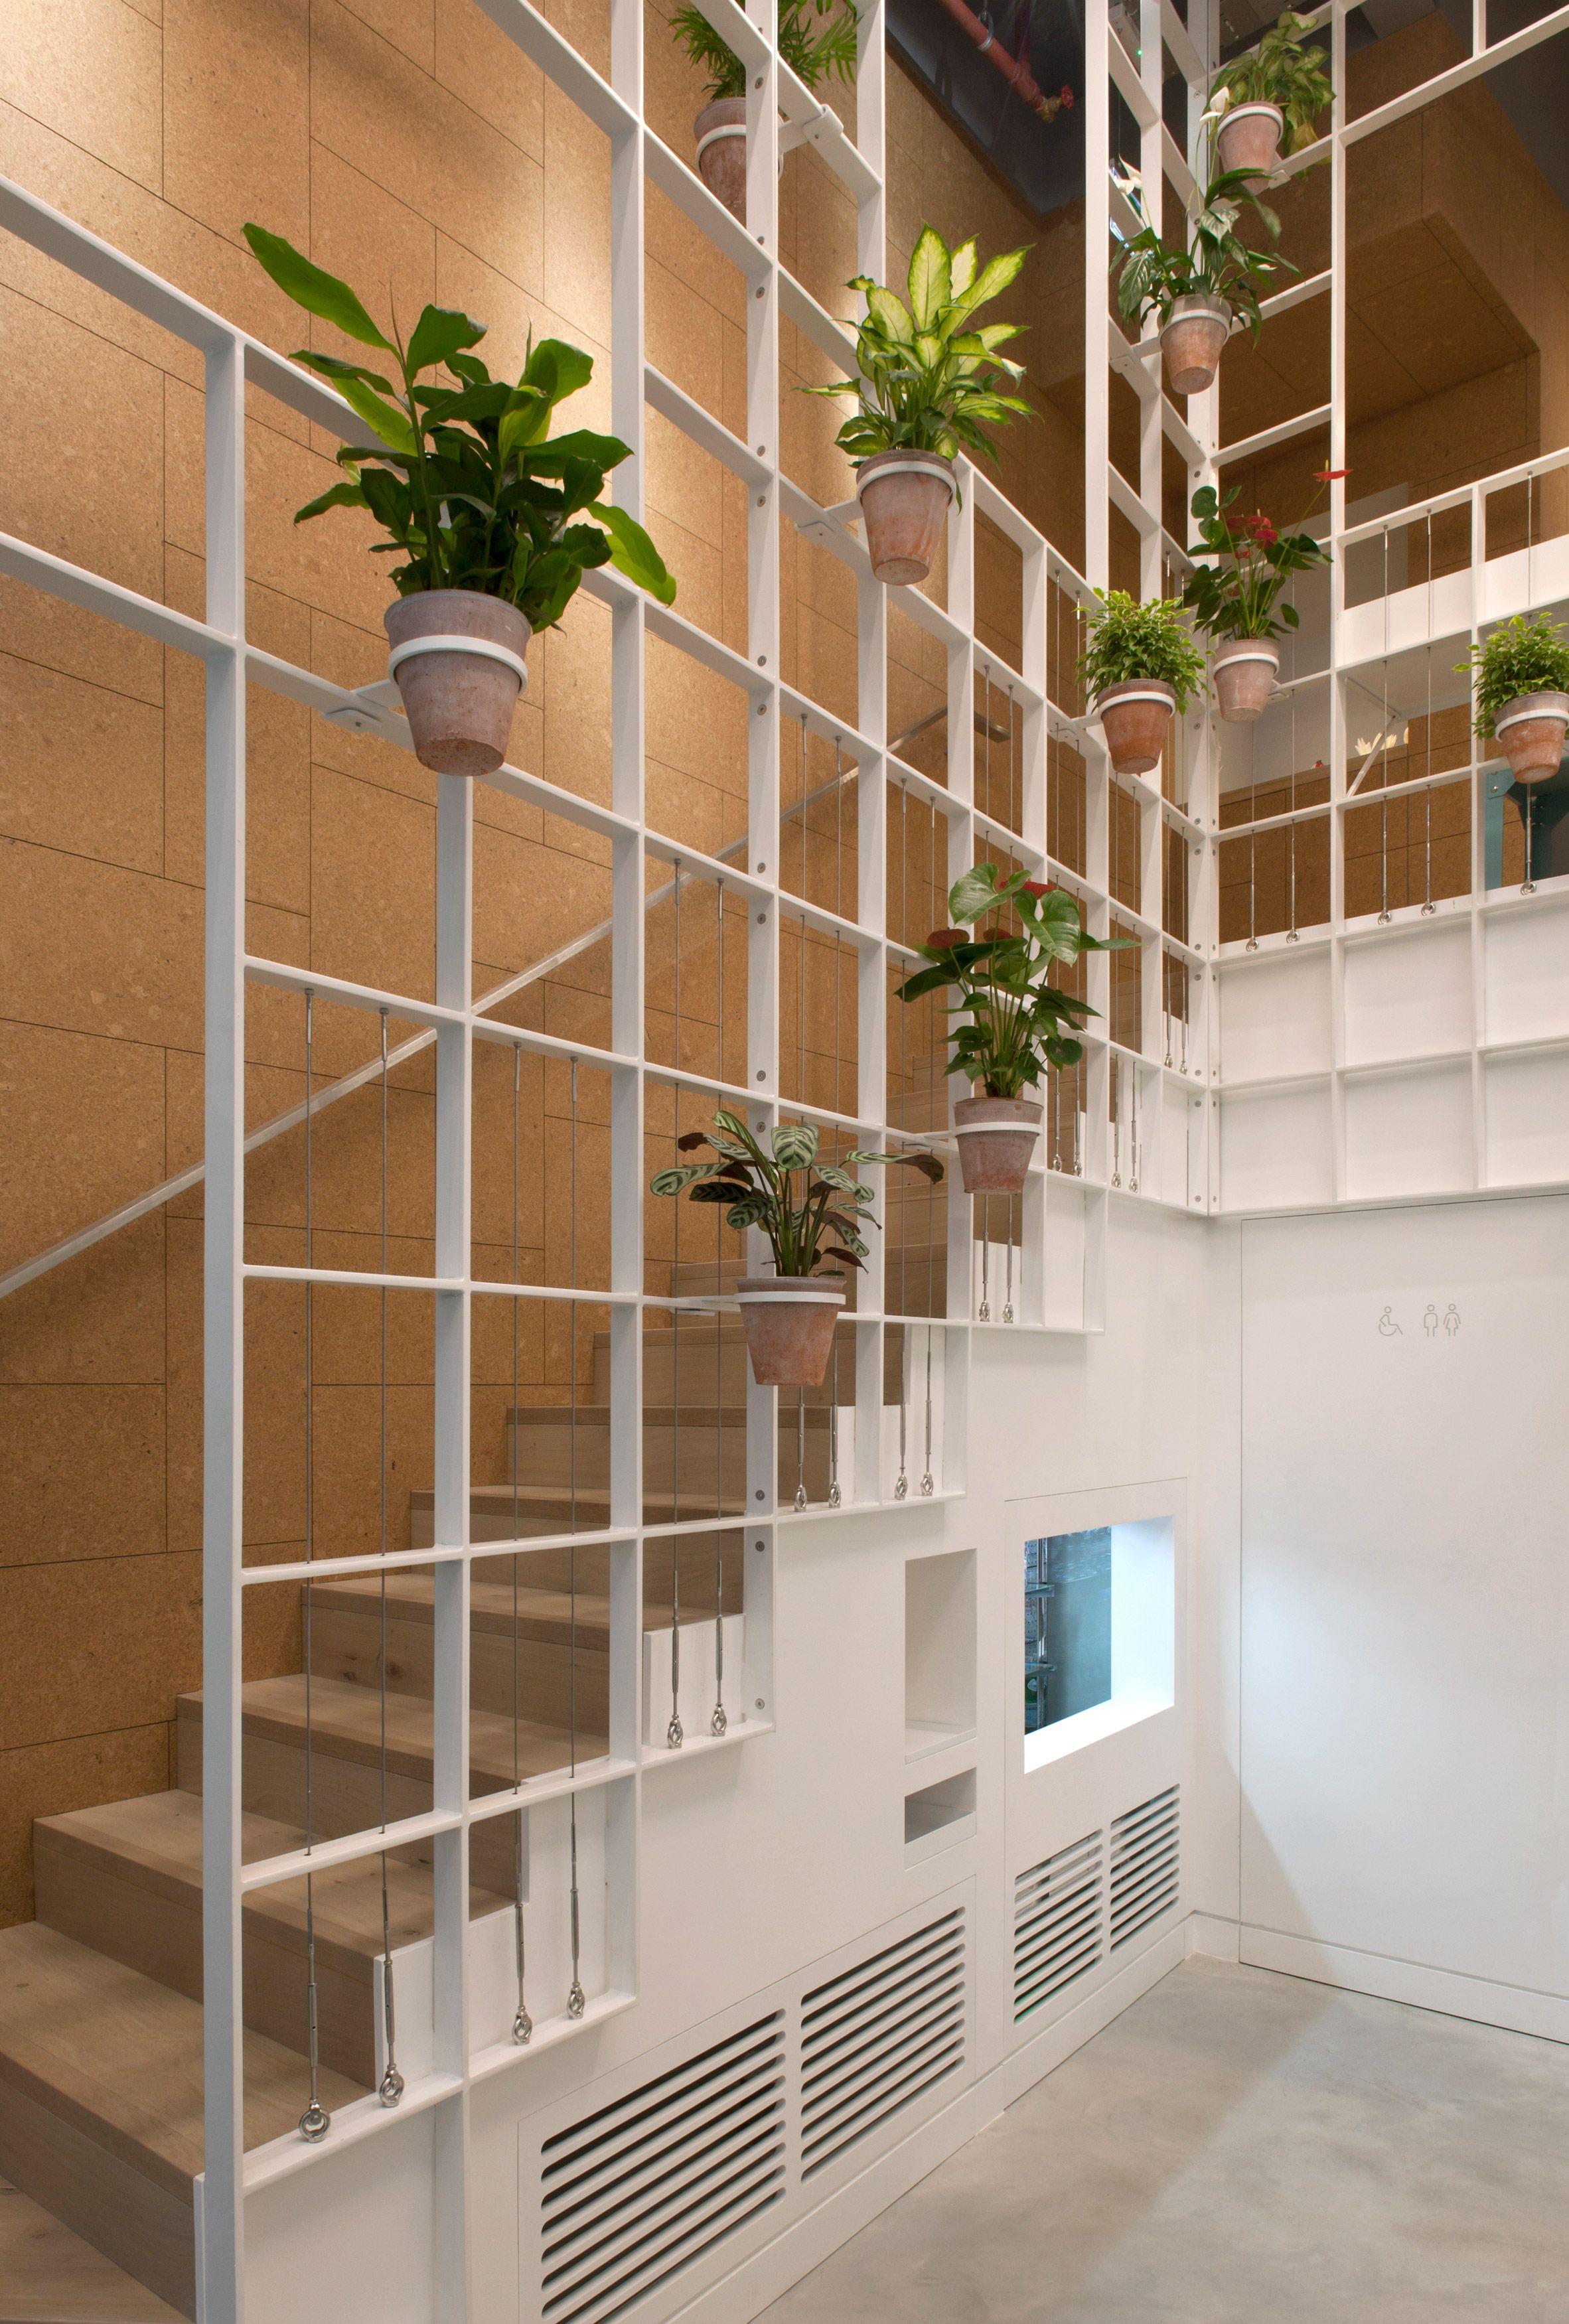 Pot plants cover trellislike walls inside london cafe by neiheiser